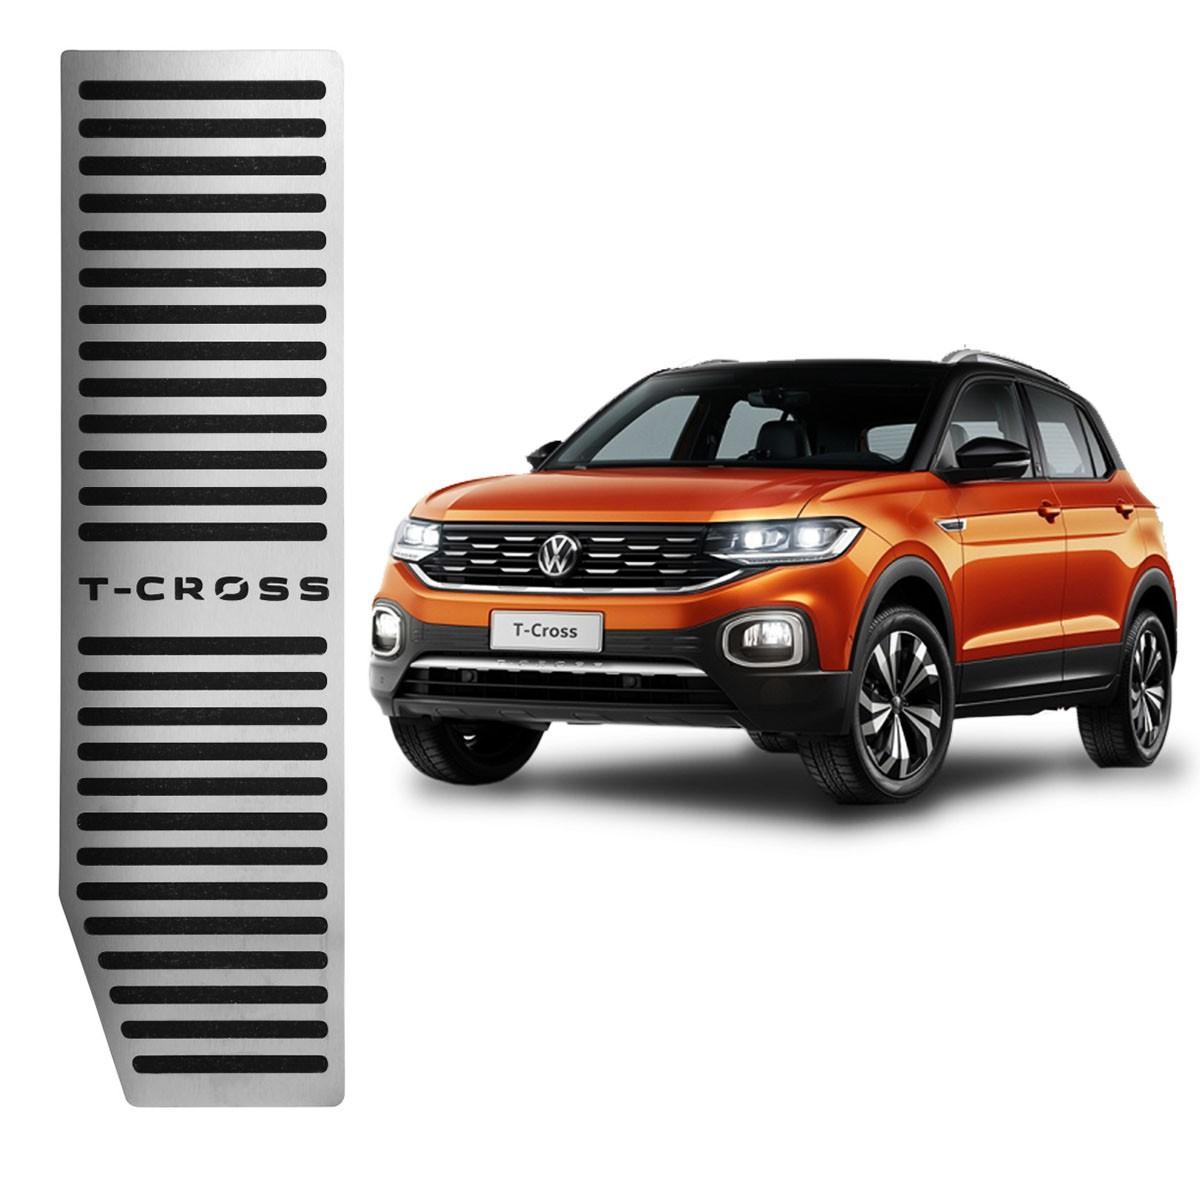 Descanso de Pé Volkswagen T-Cross Aço Inox Escovado